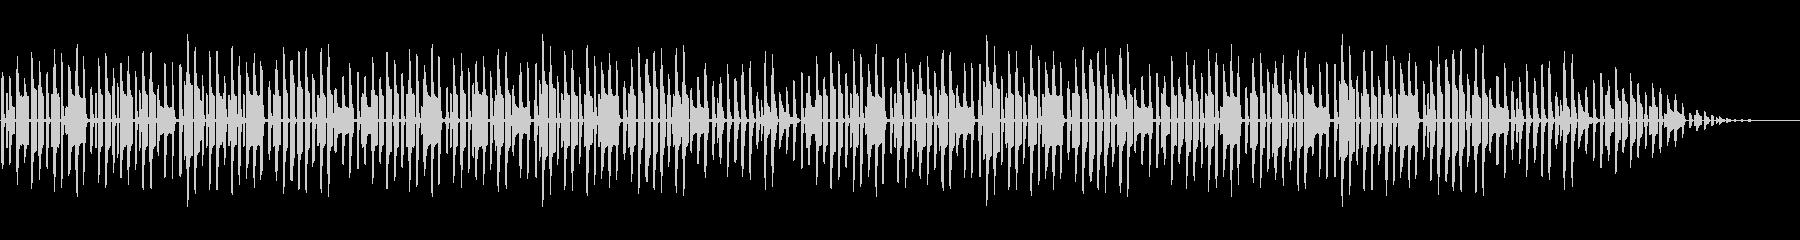 童謡「こいのぼり」脱力系アレンジの未再生の波形